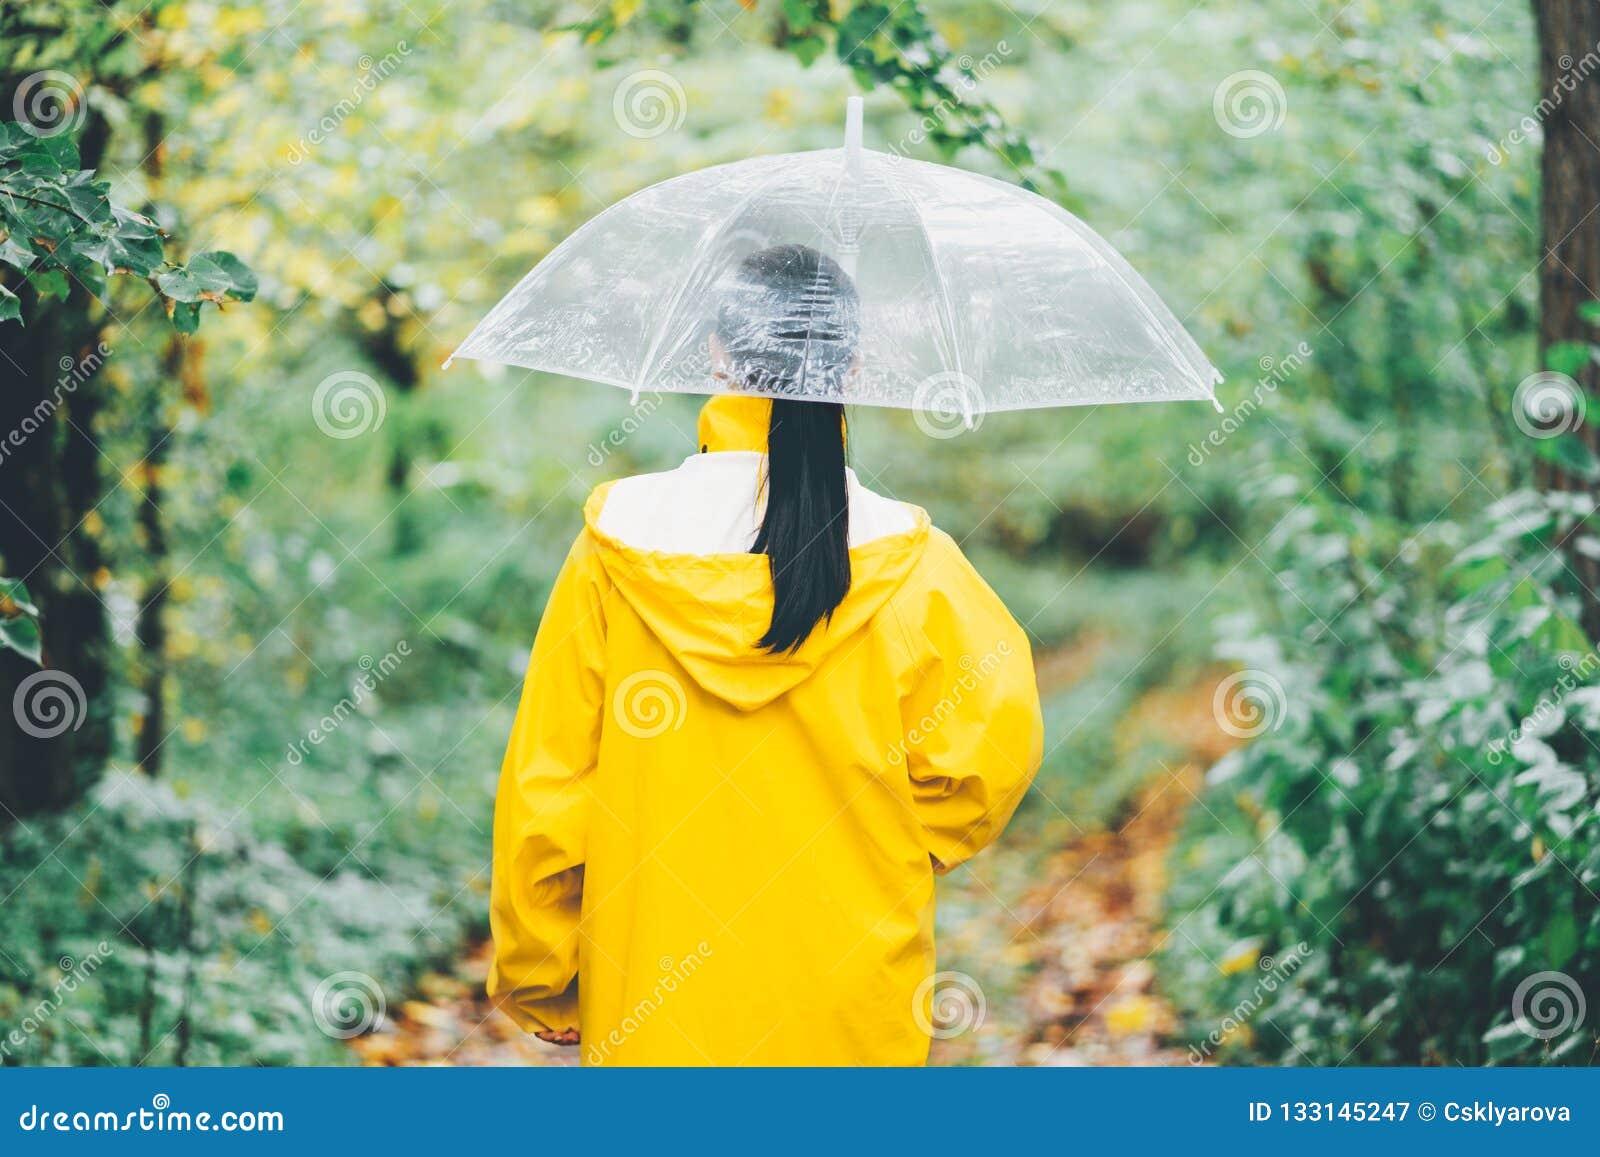 Ελκυστικό unrecognizable νέο κορίτσι στο κίτρινο αδιάβροχο που περπατά στο πάρκο με τη διαφανή ομπρέλα, ημέρα φθινοπώρου υποστηρί